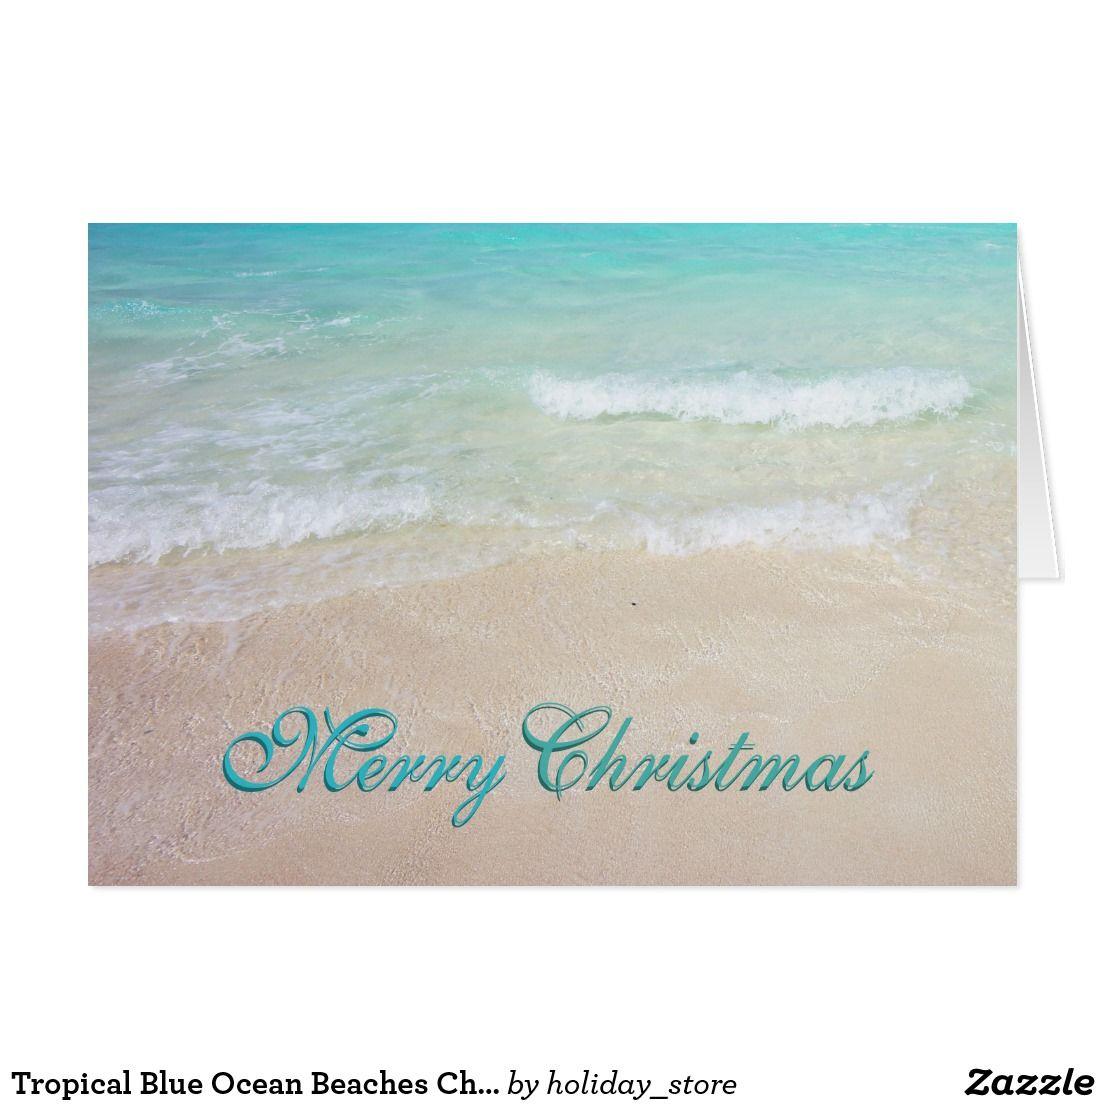 Tropical Blue Ocean Beaches Christmas Cards | Beach christmas cards